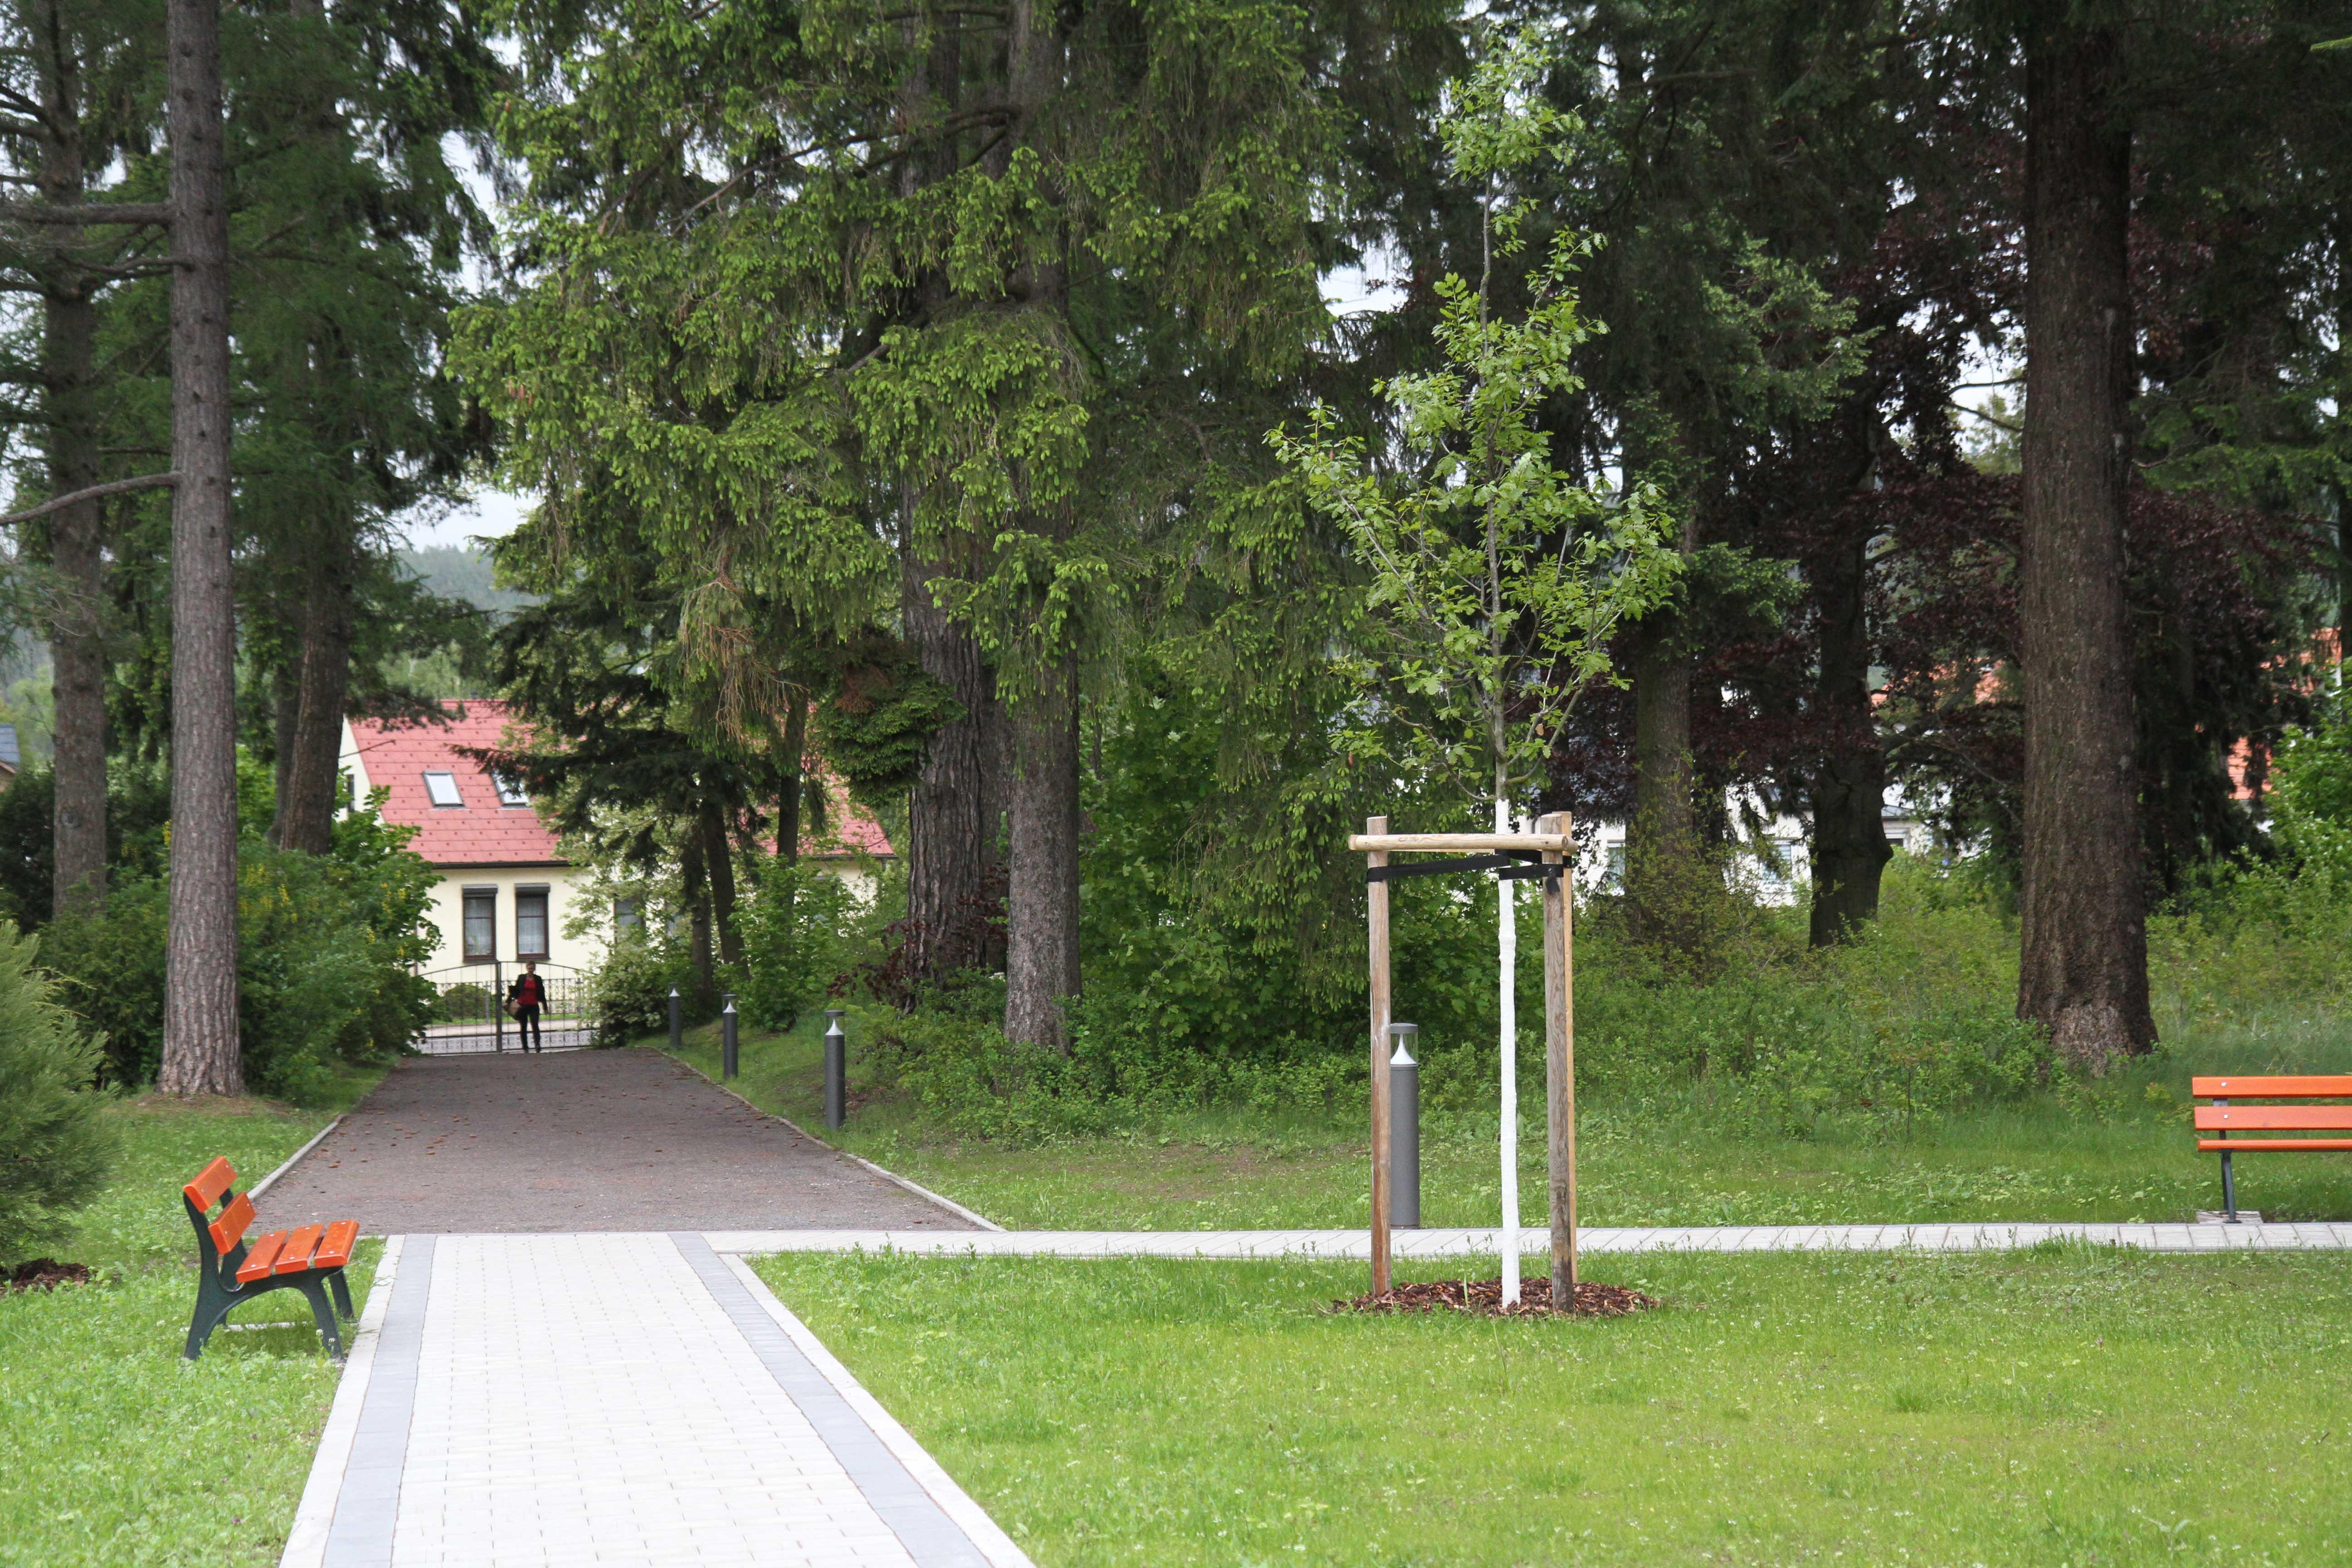 Der Bethesda-Park am Seniorenwohnquartier Bad Tabarz